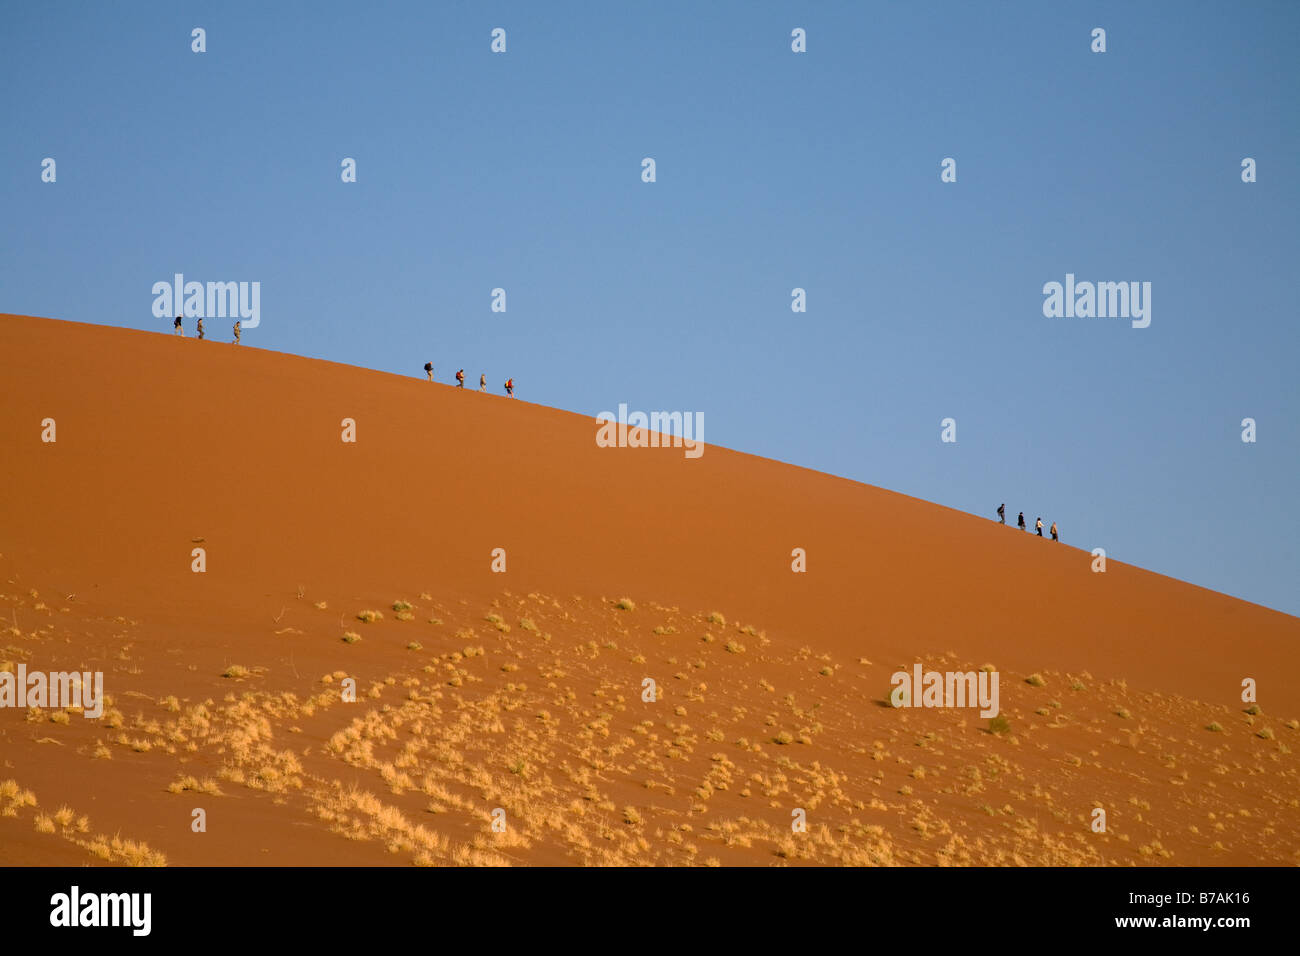 La gente camminare lungo la cresta delle Dune 45 in Sossusvlei in Namibia, un profondo cielo blu come sfondo. Foto Stock